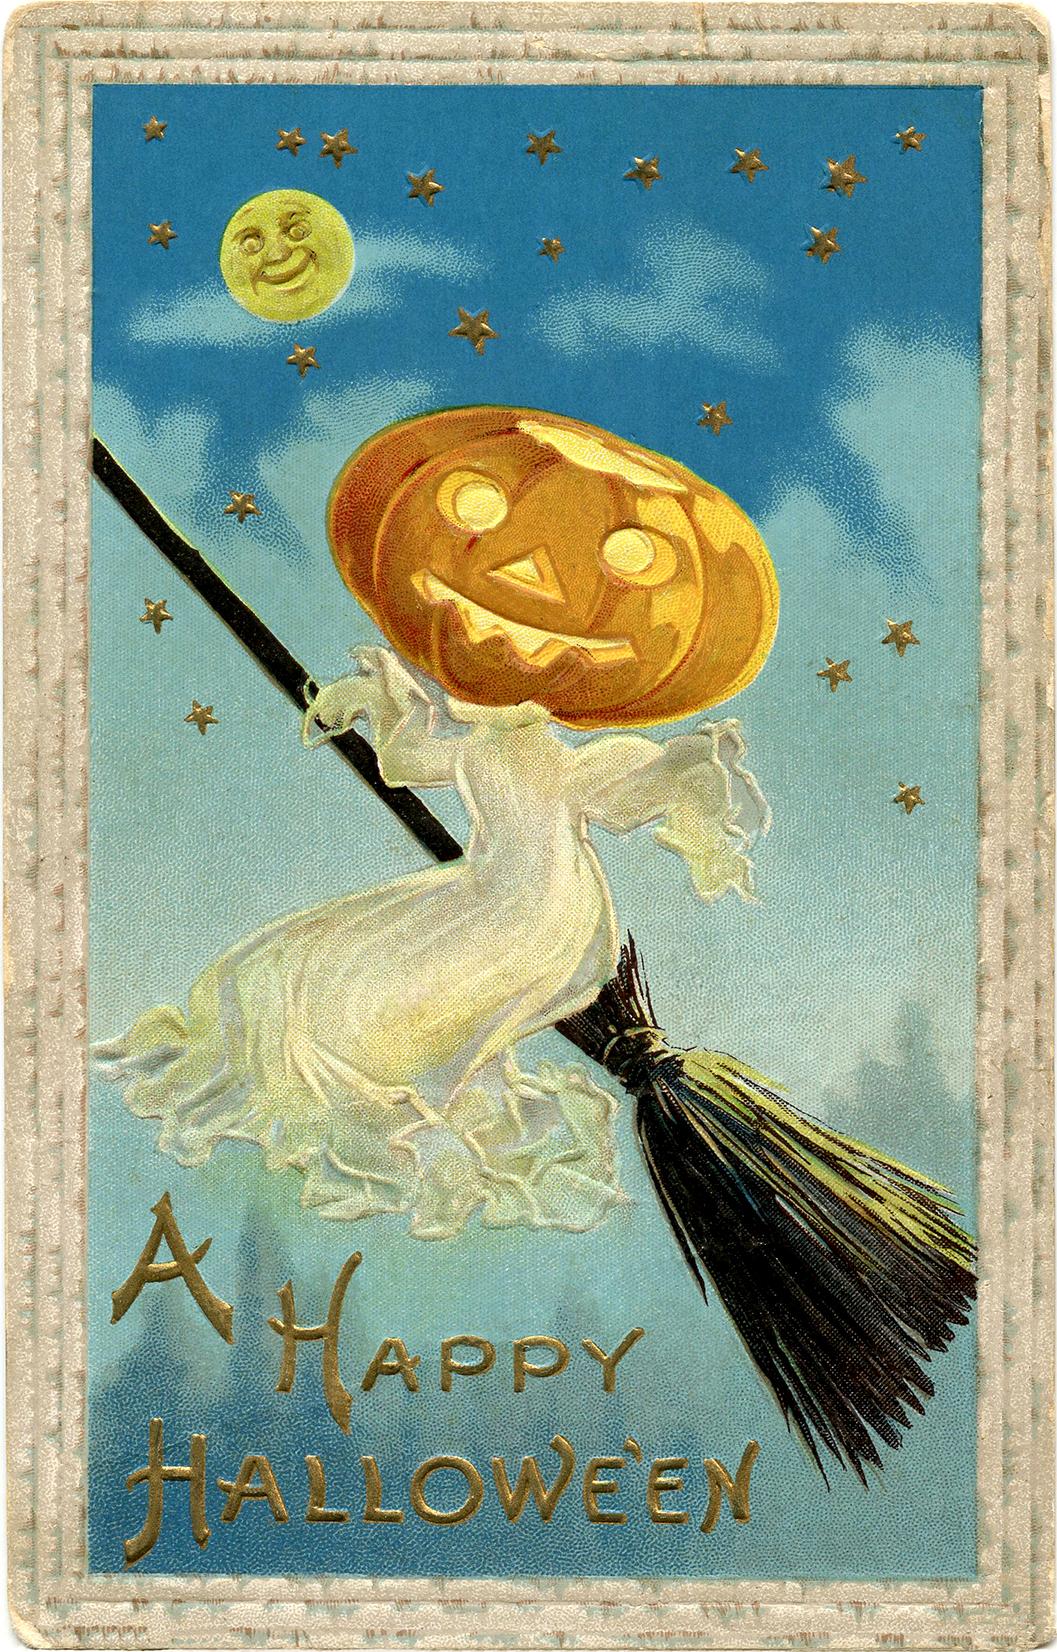 Vintage Halloween Image Ghost